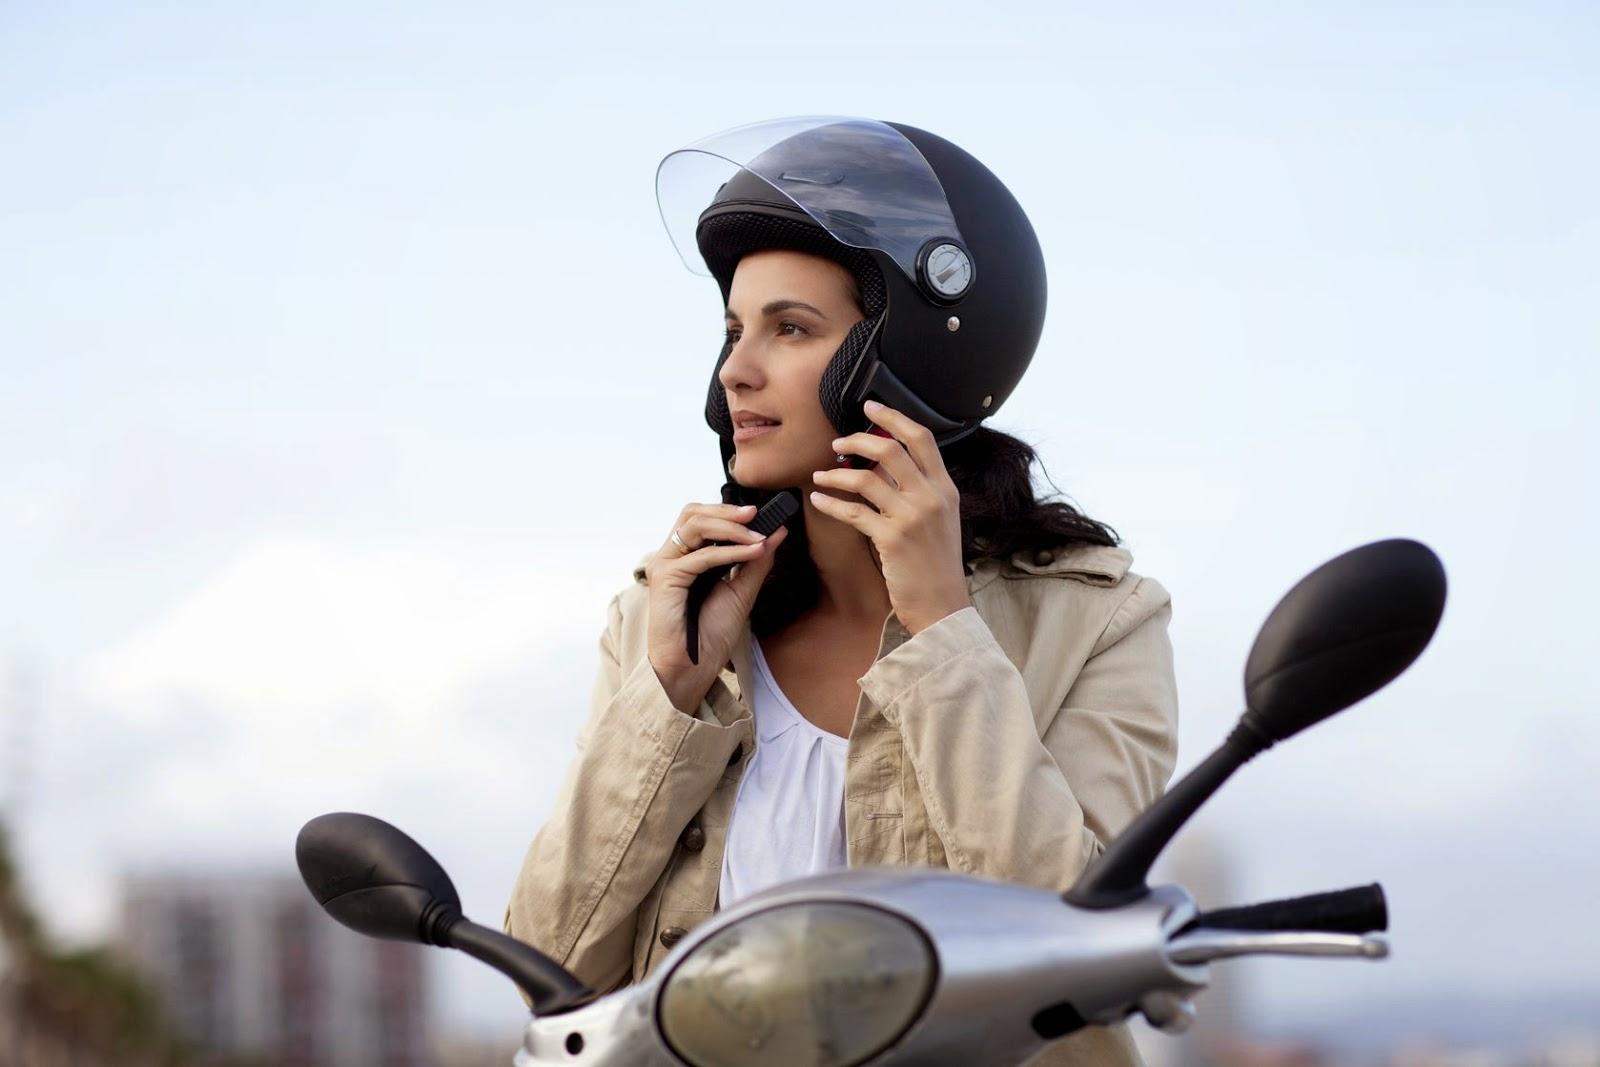 Seguridad - Motos y Ciclomotores en ciudad - eSUM